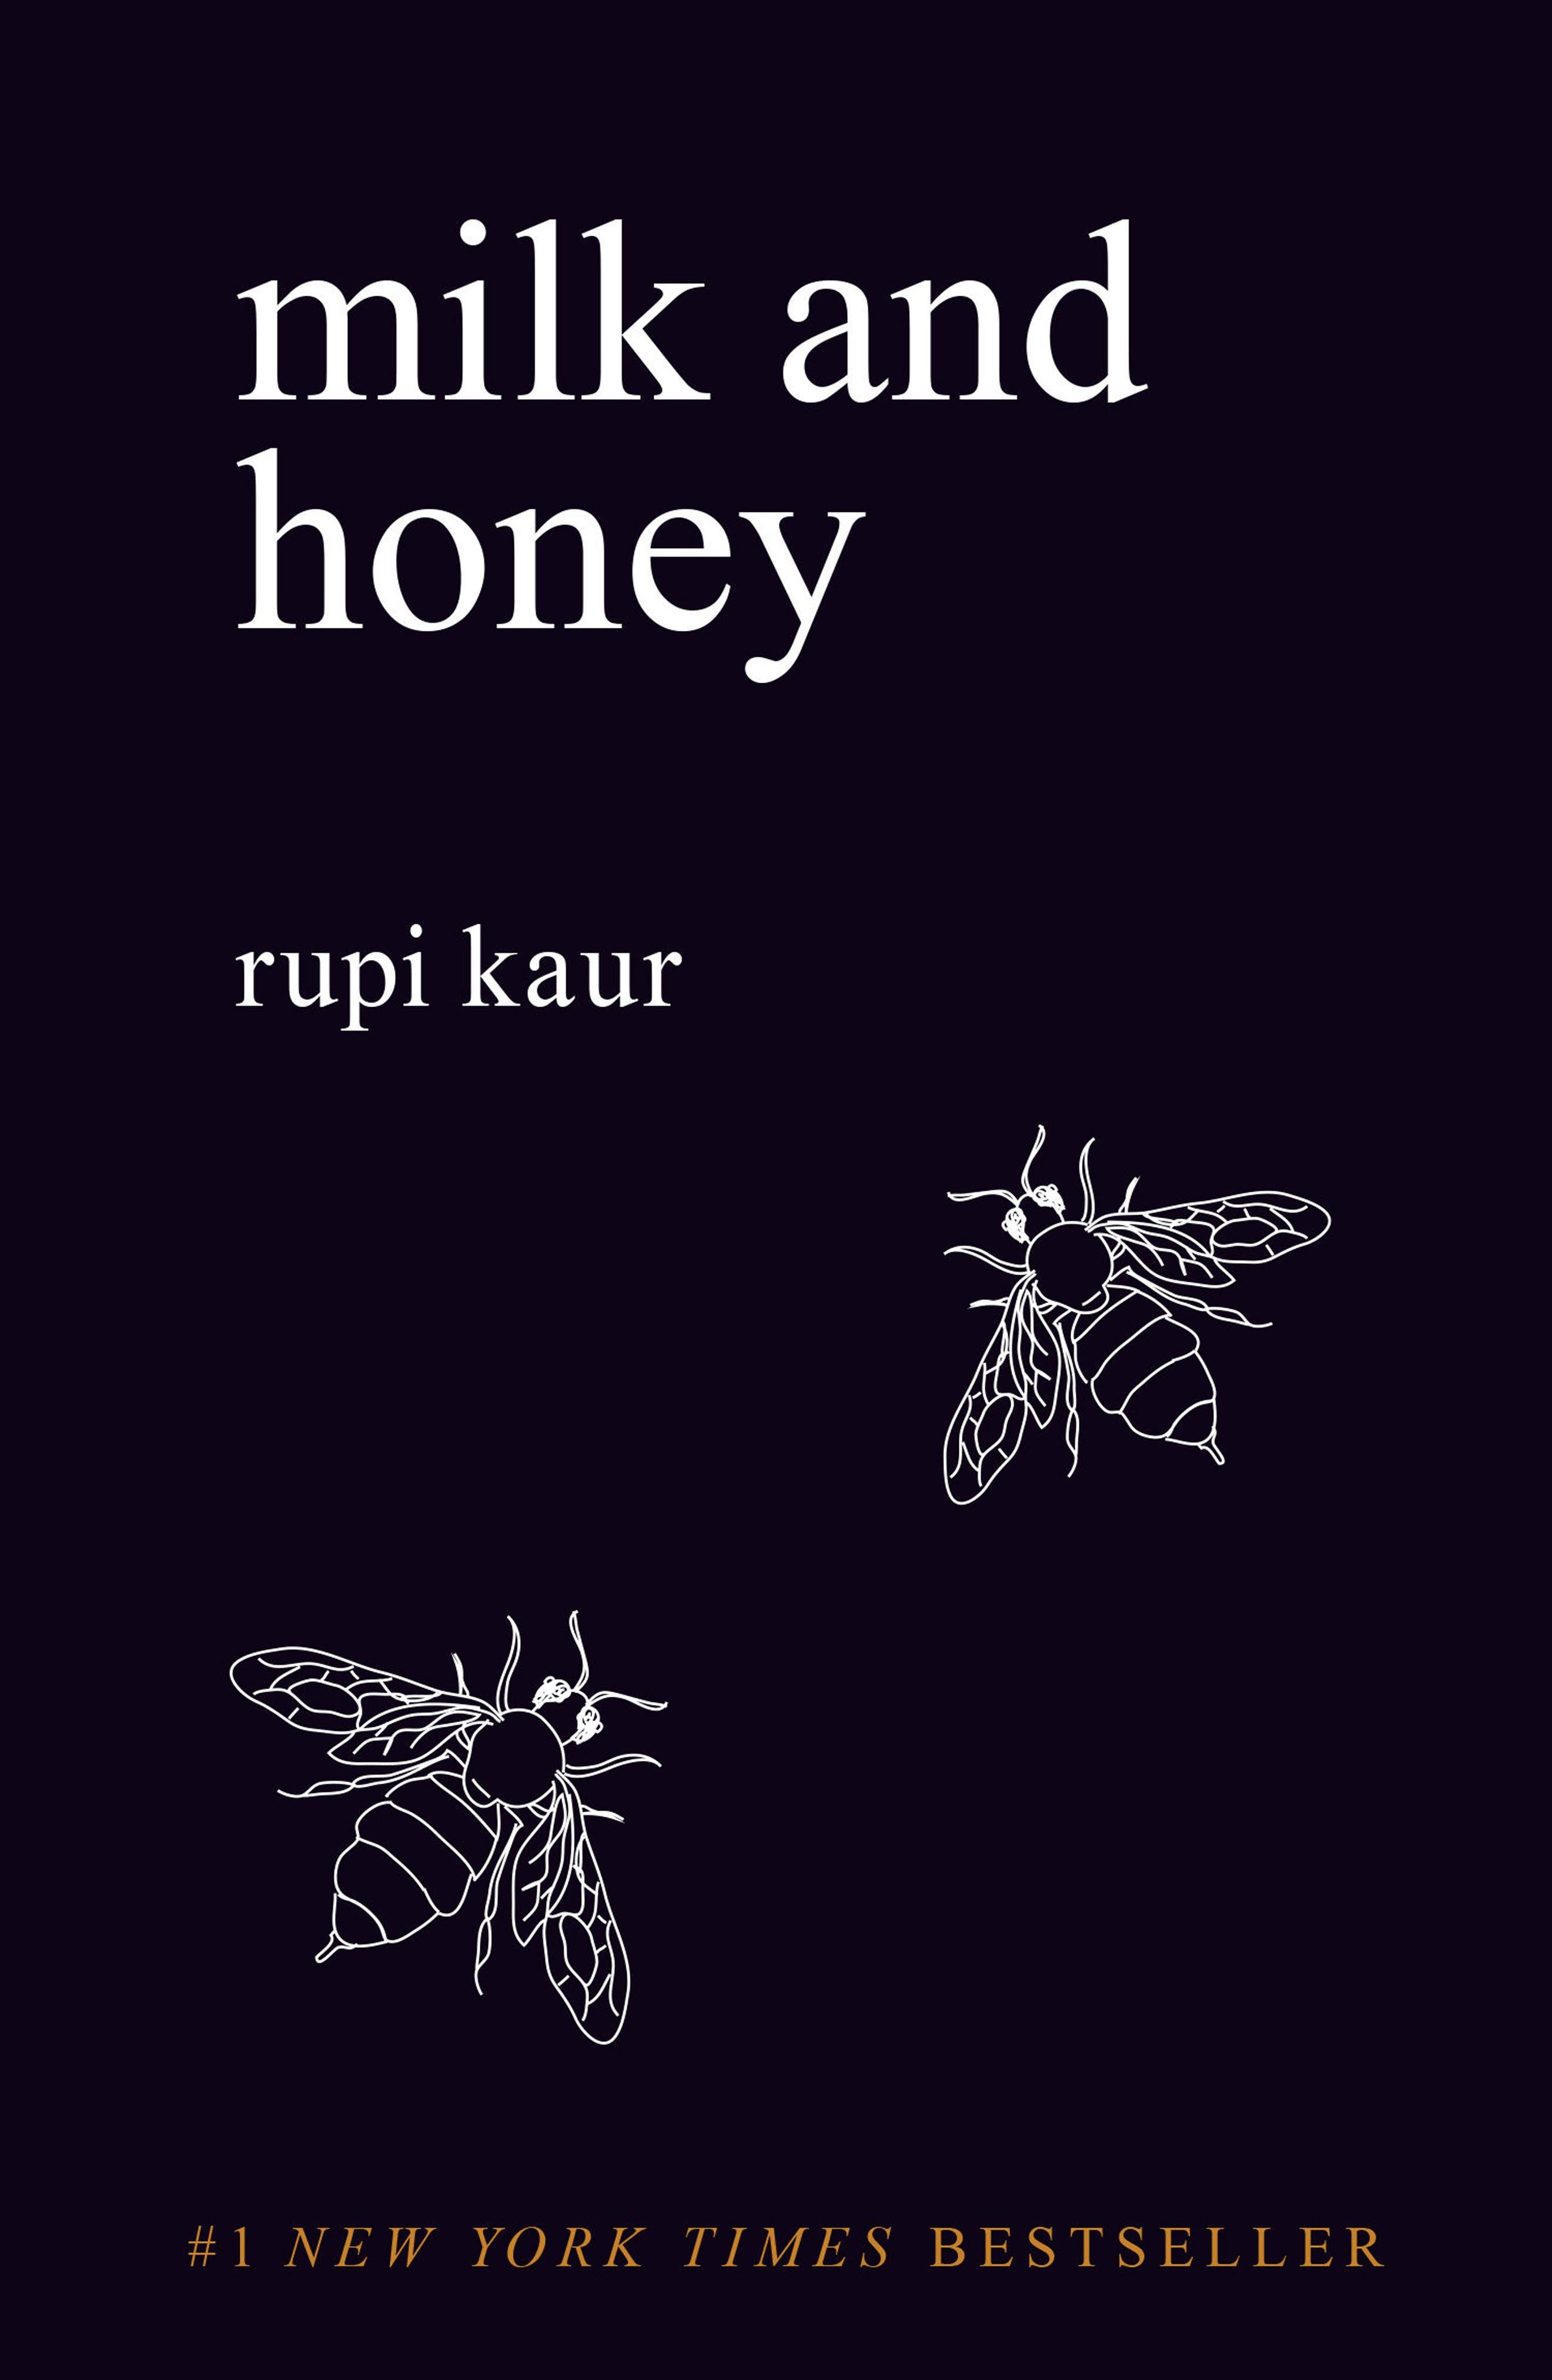 Main Image - Milk and Honey Book